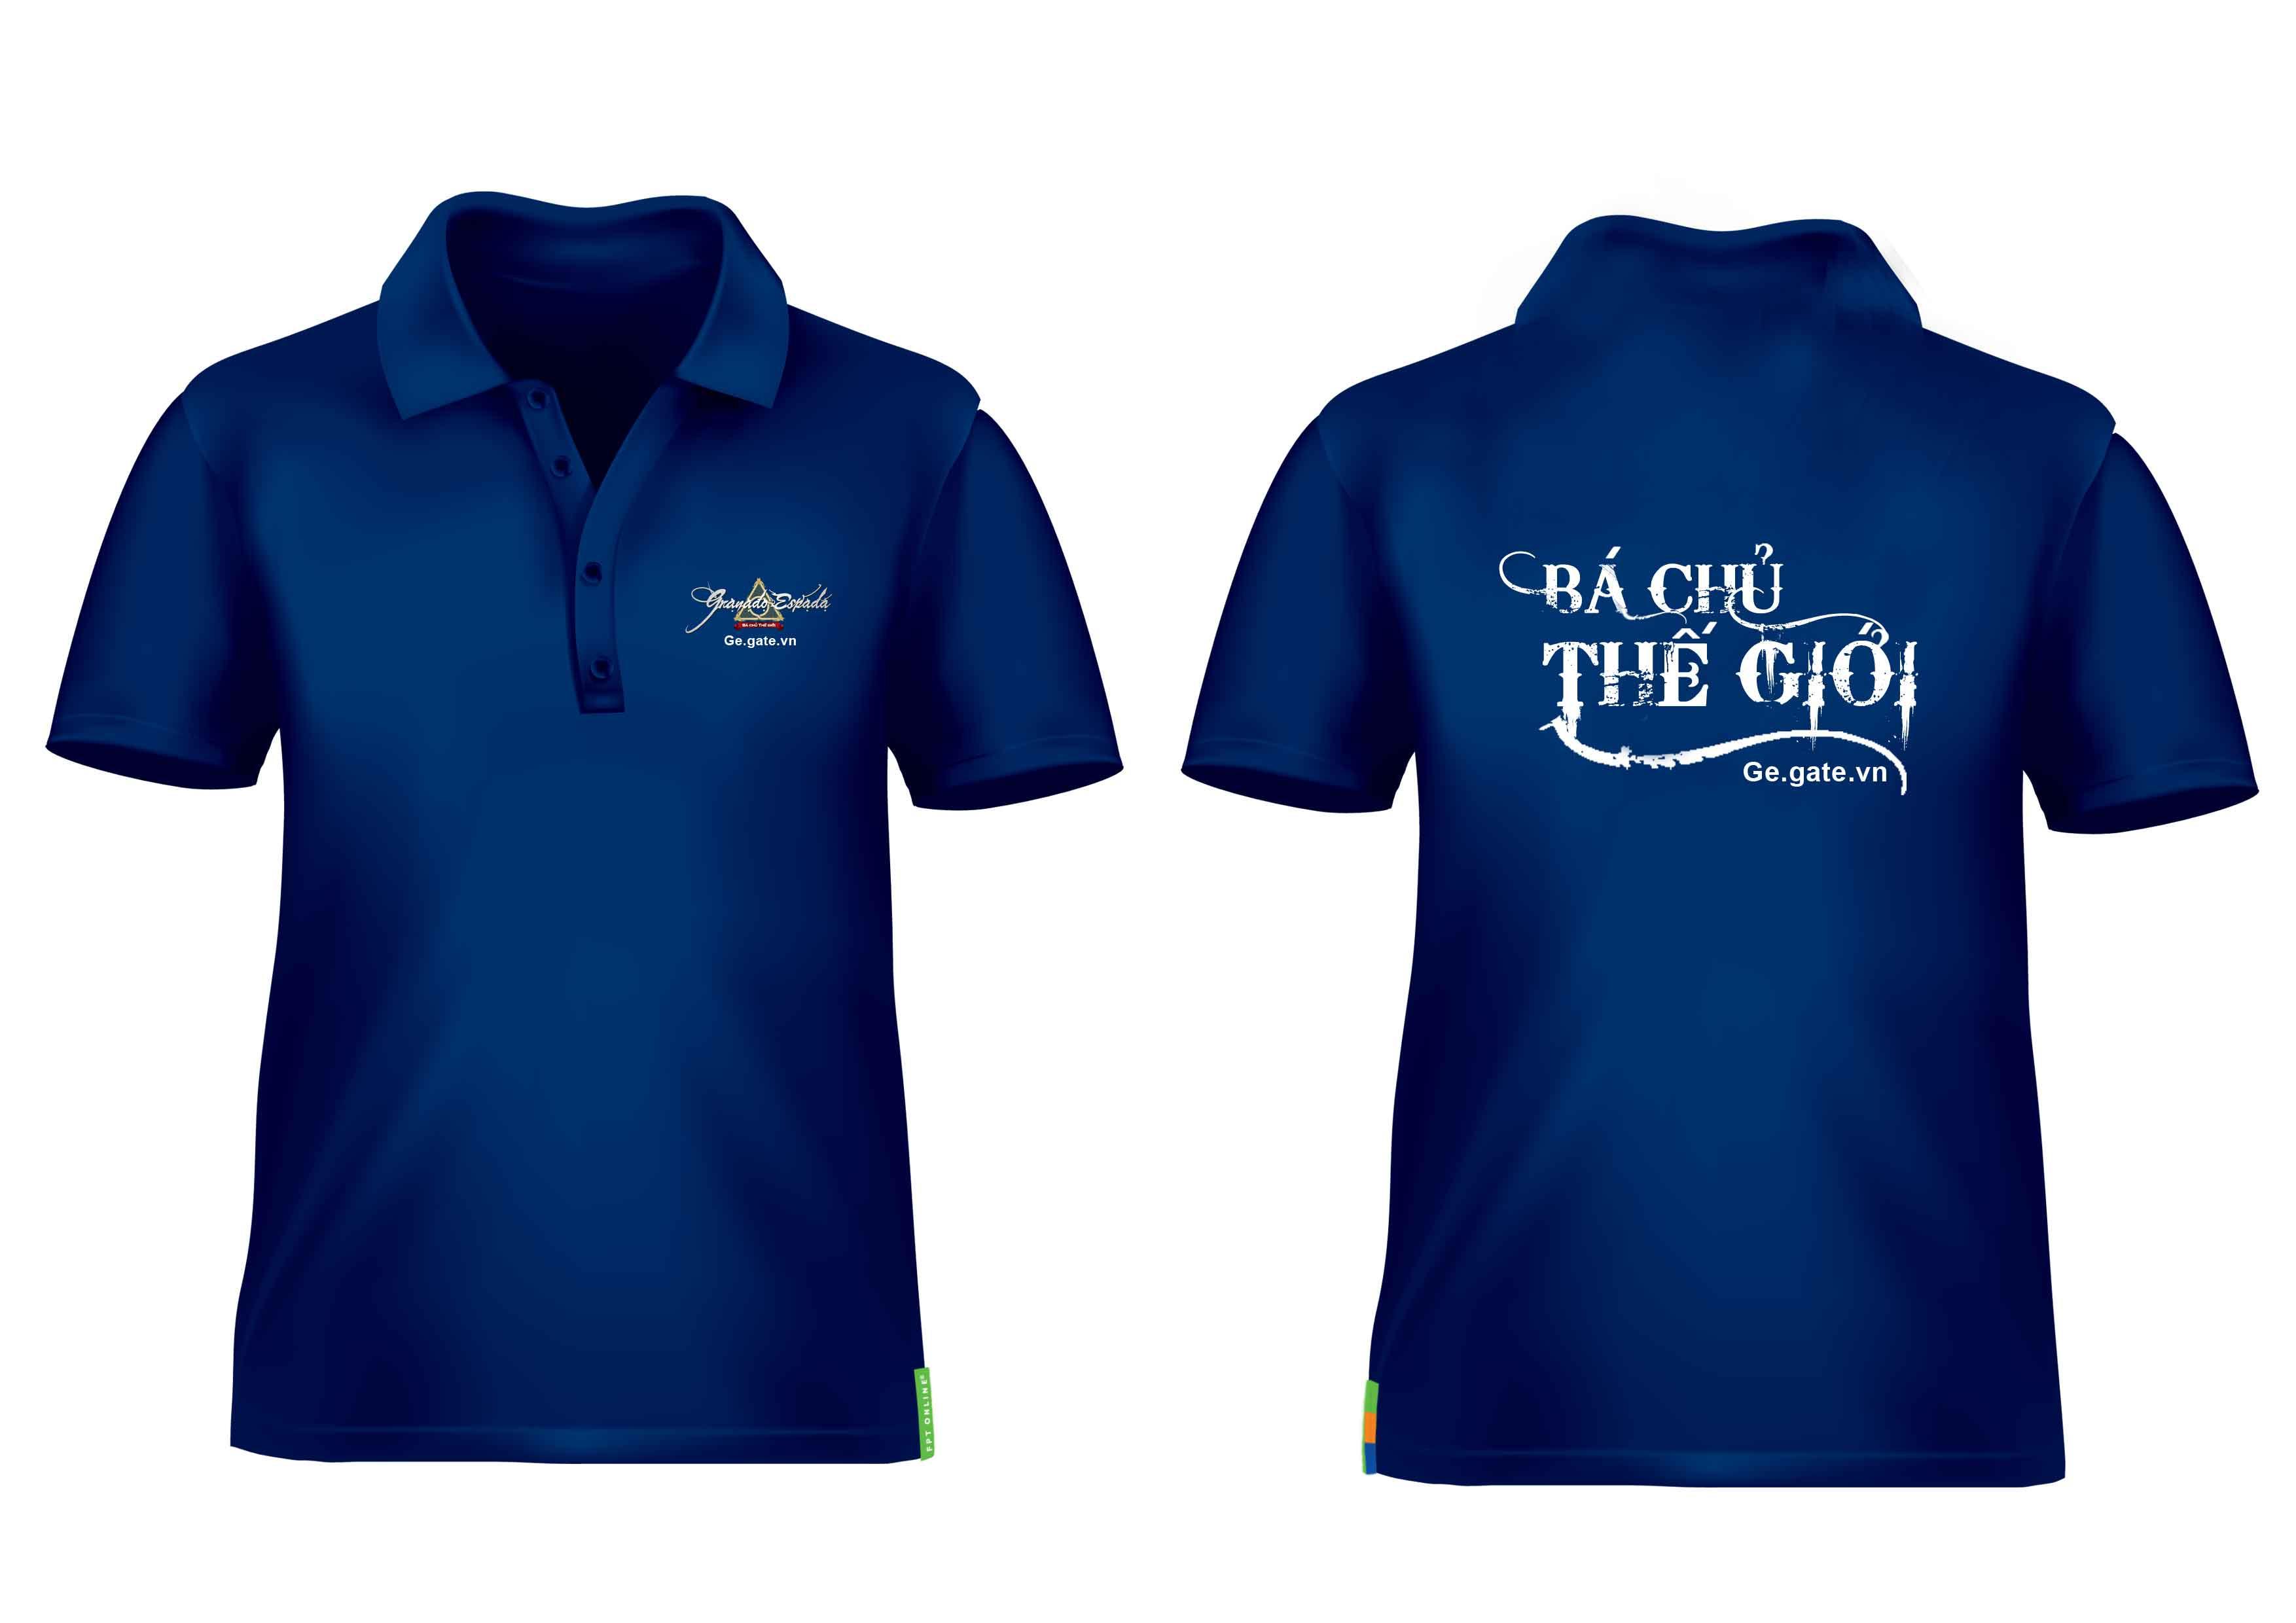 Công Ty Phú Khang Chuyên may áo thun và in áo thun quảng cáo giá rẻ: – Áo thun đồng phục công ty – Áo thu,n sự kiện quảng cáo